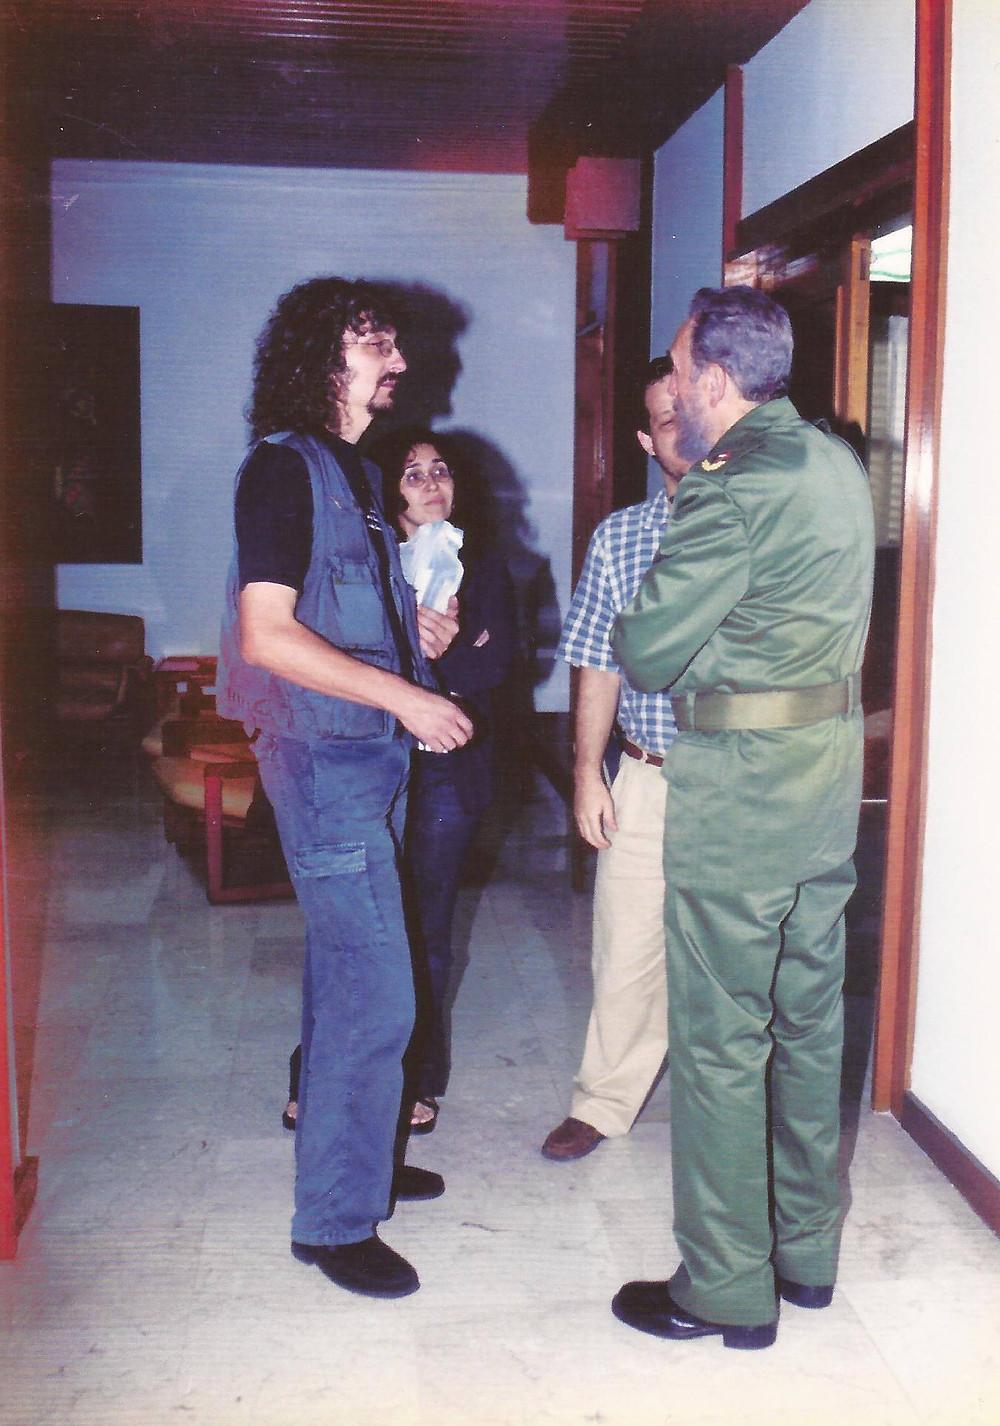 Fidel, Palacio de Convenciones, Cuba, 2001